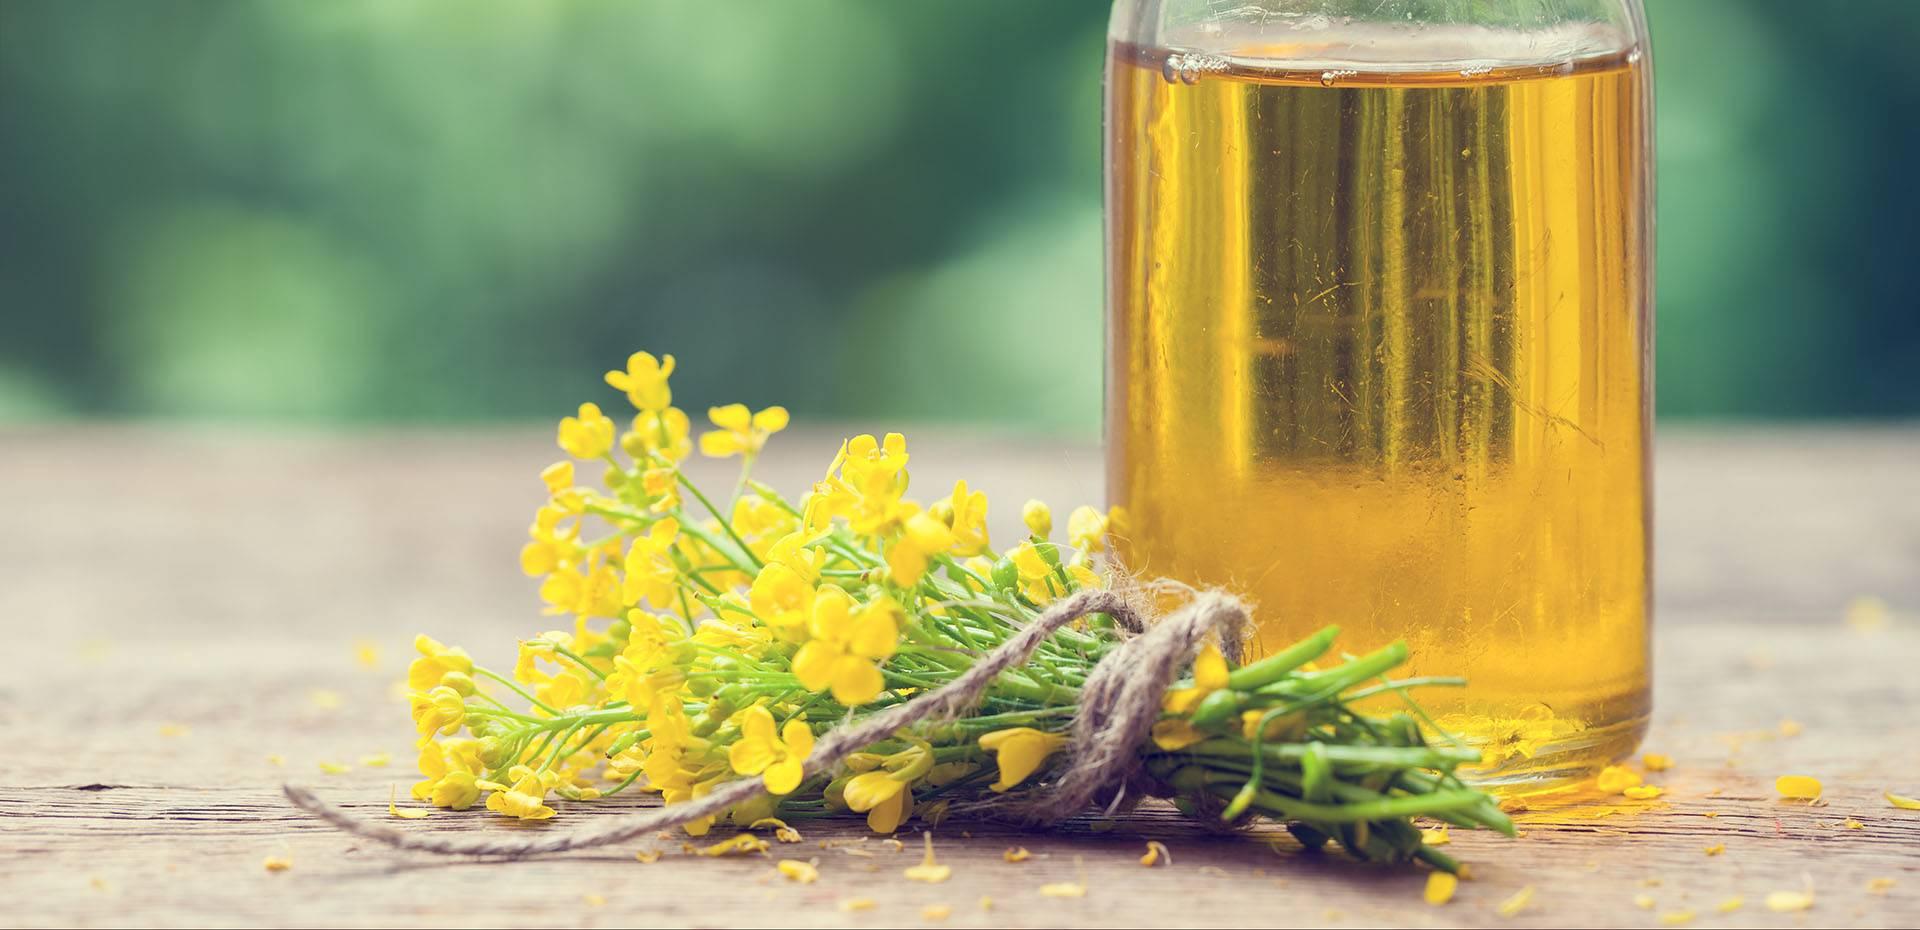 Какая польза и вред рапсового масла для человека?